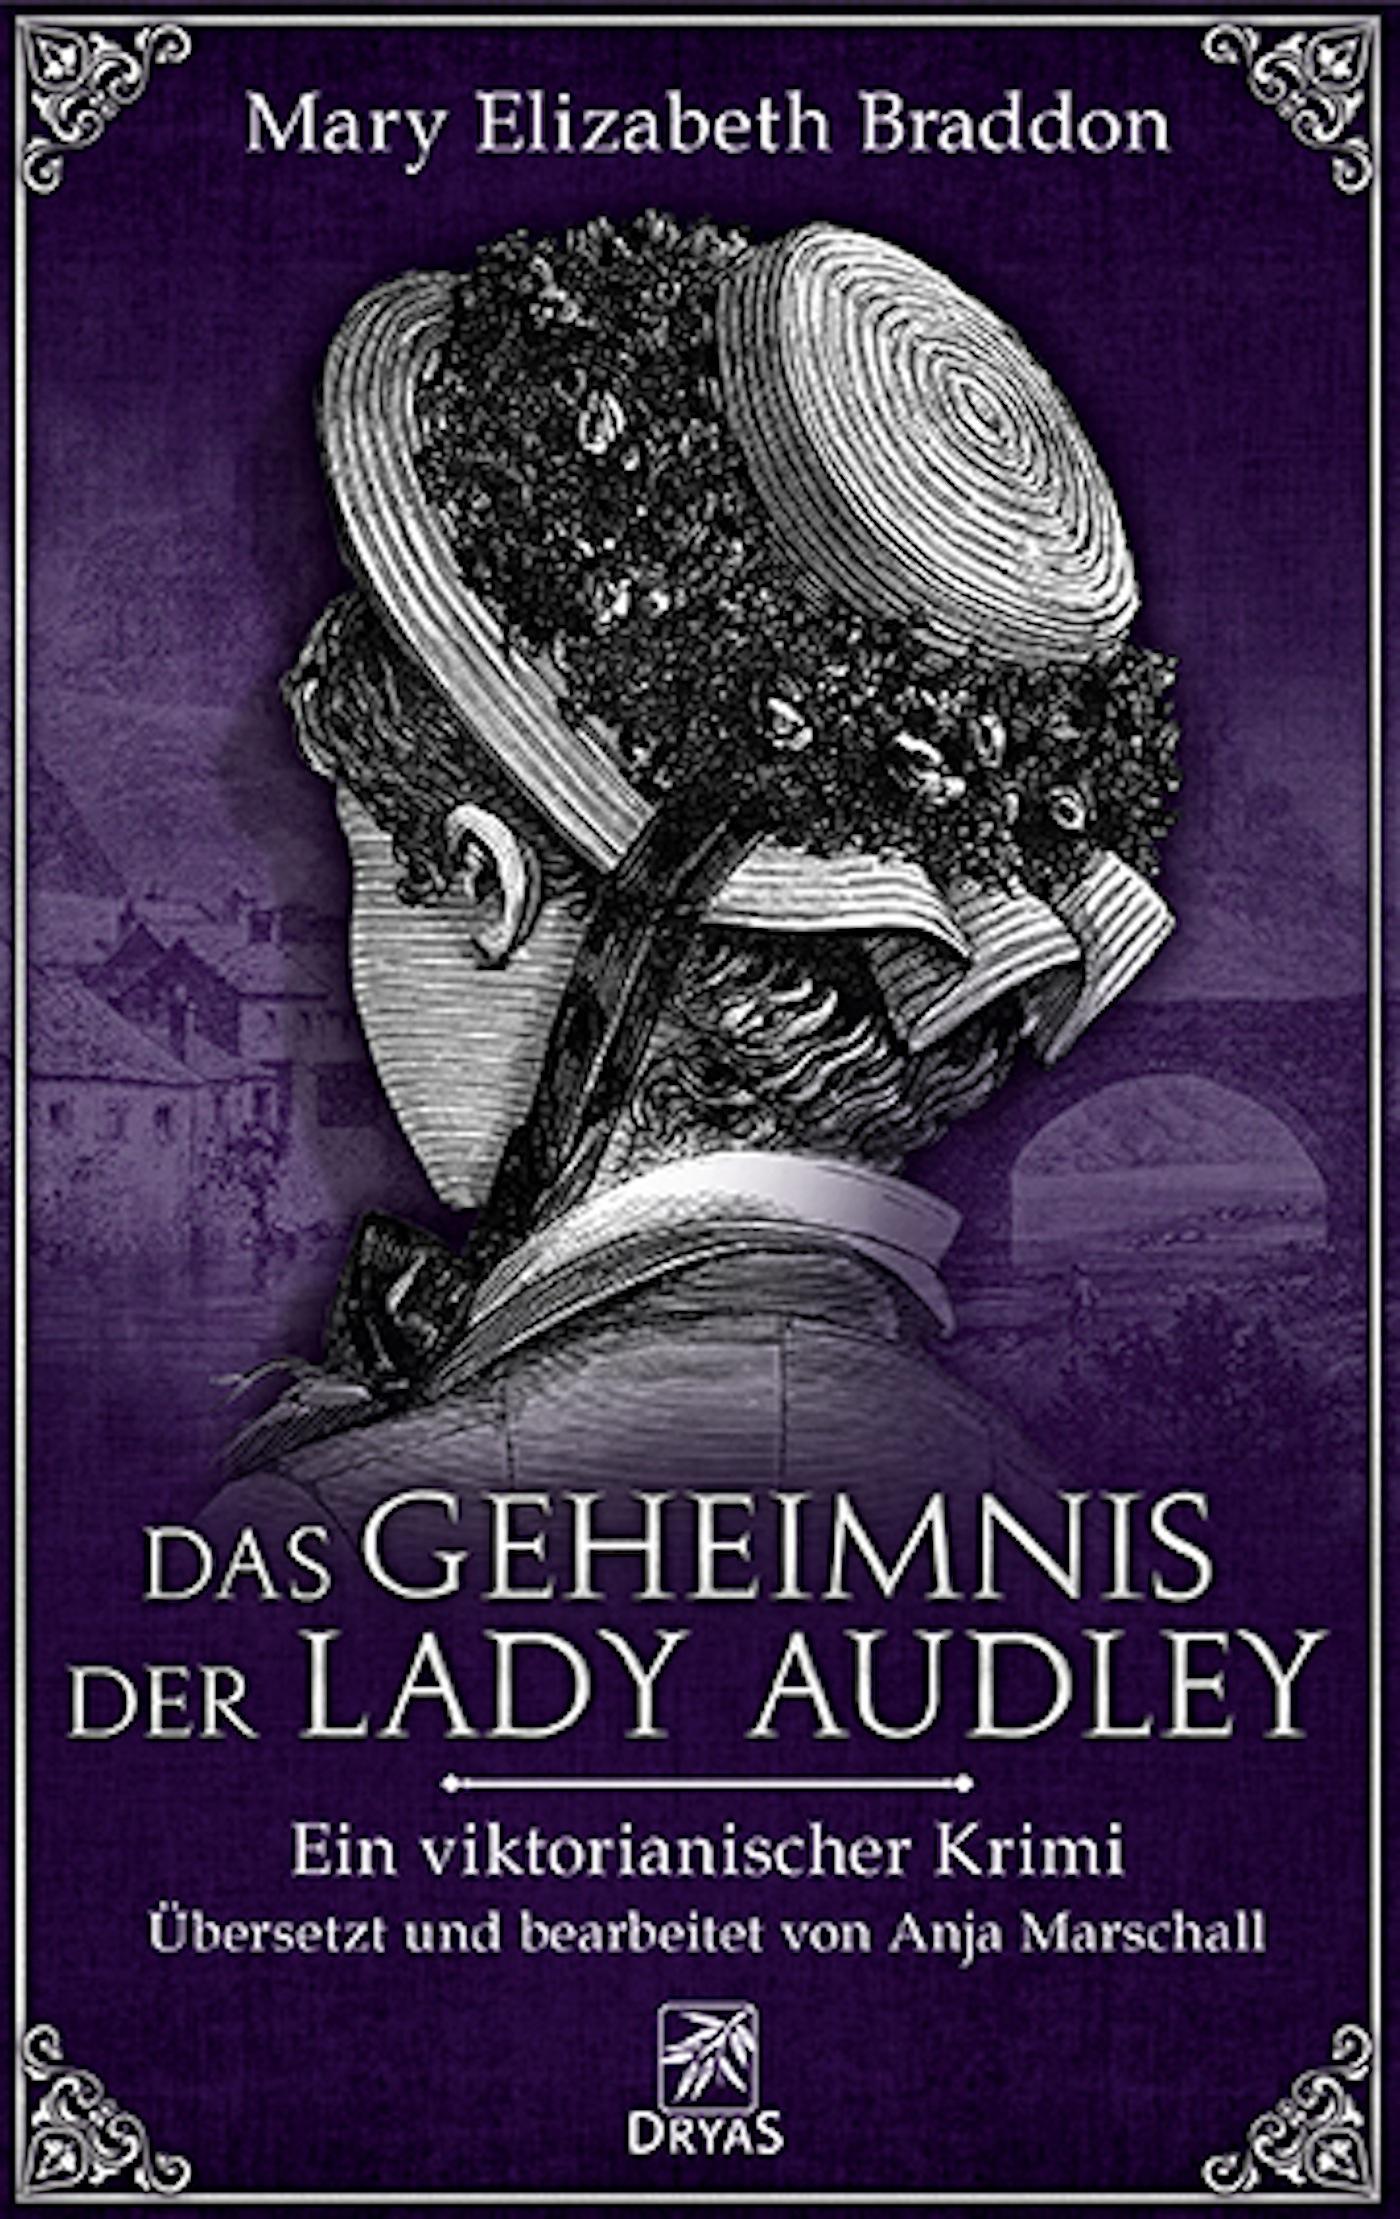 Mary Elizabeth Braddon Das Geheimnis der Lady Audley mary elizabeth braddon a strange world vol iii